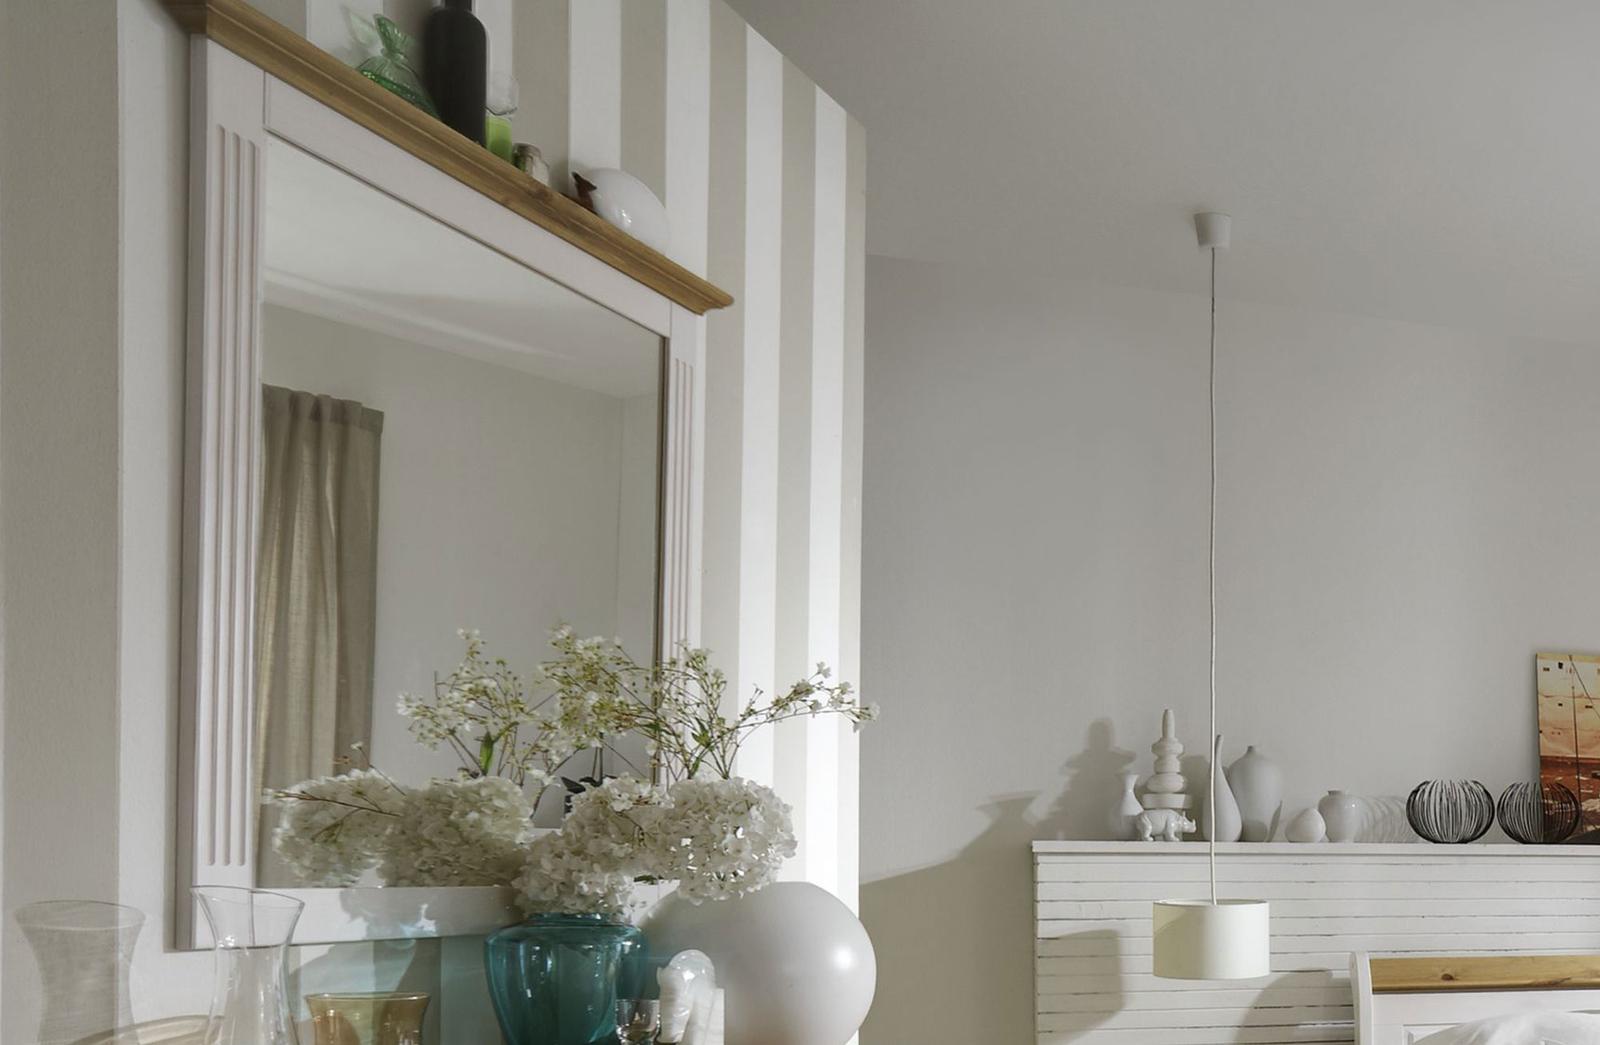 Schlafzimmer im Landhausstil Eva weiß gelaugt geölt, Bild 9